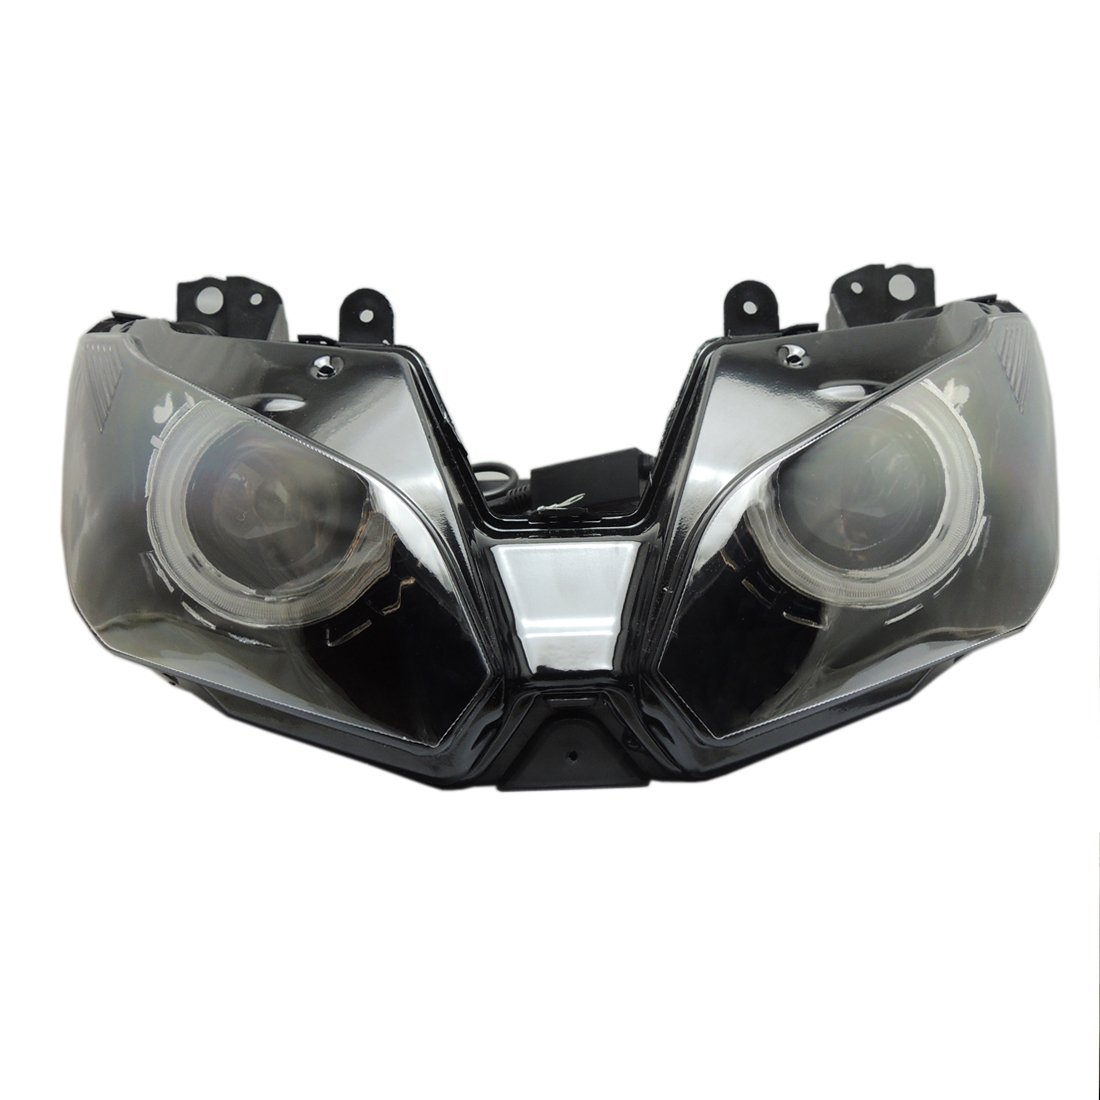 Ninja 300 Angel Eye Headlight Assembly HID Projector Custom for Kawasaki Ninja 300 ZX-6R 2013 2014 2015 2016